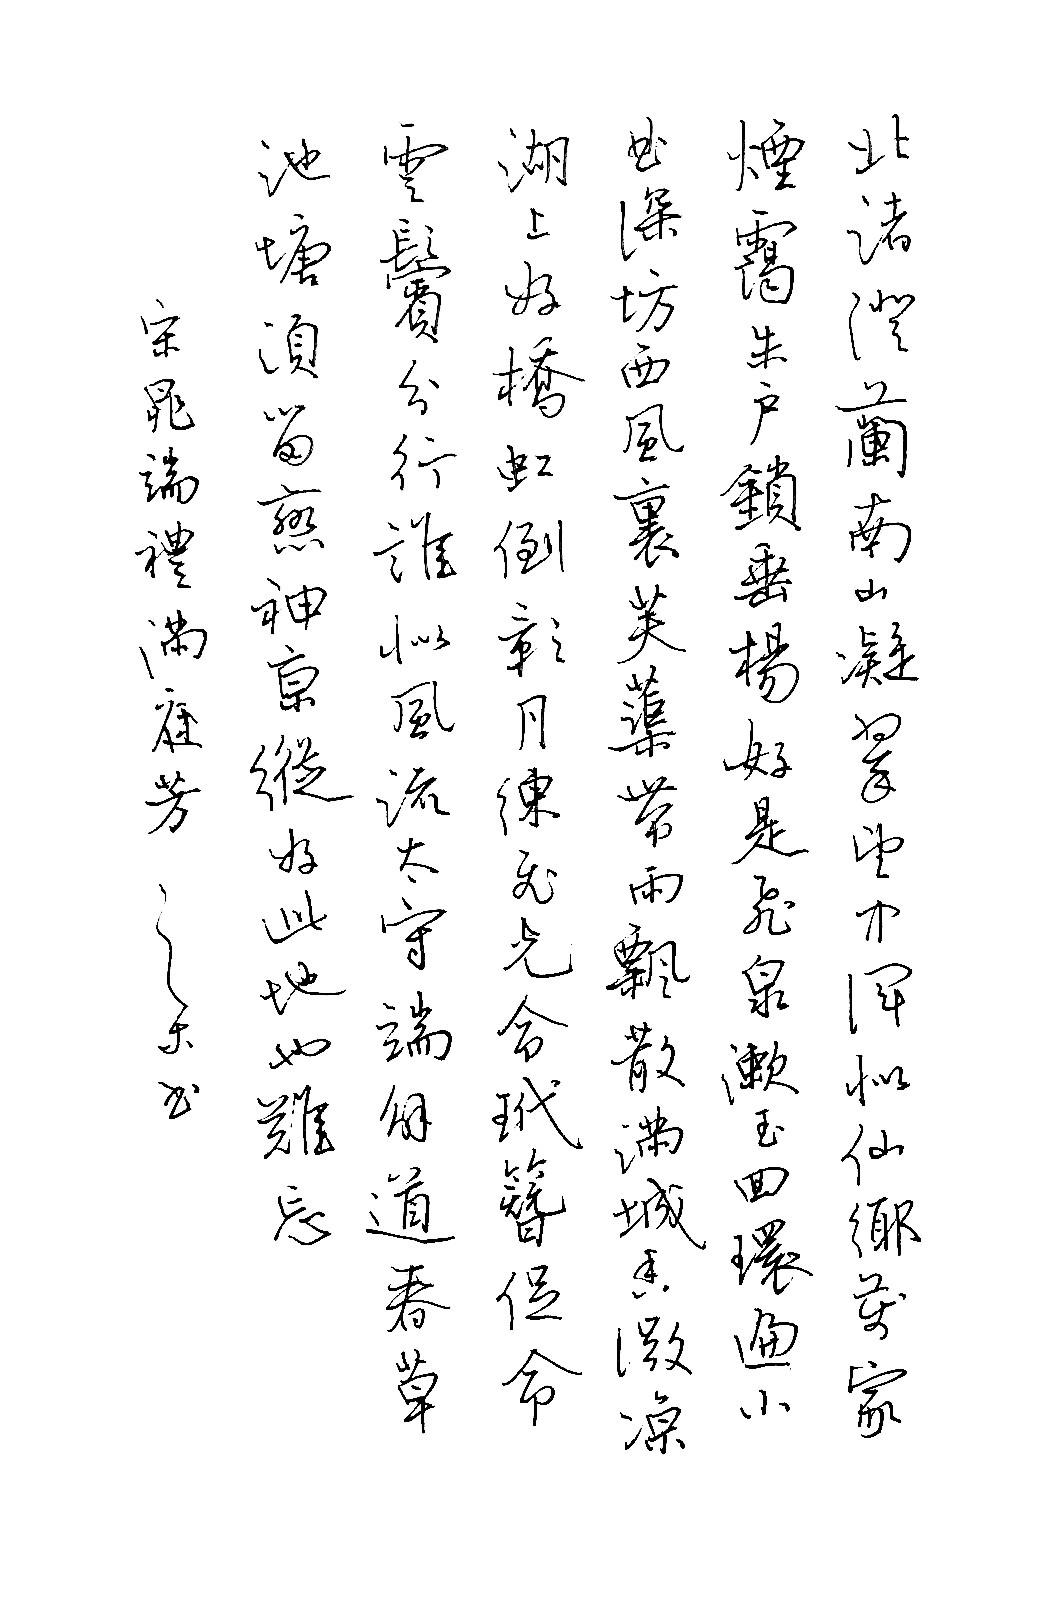 钢笔爱好者练字打卡20210330-08